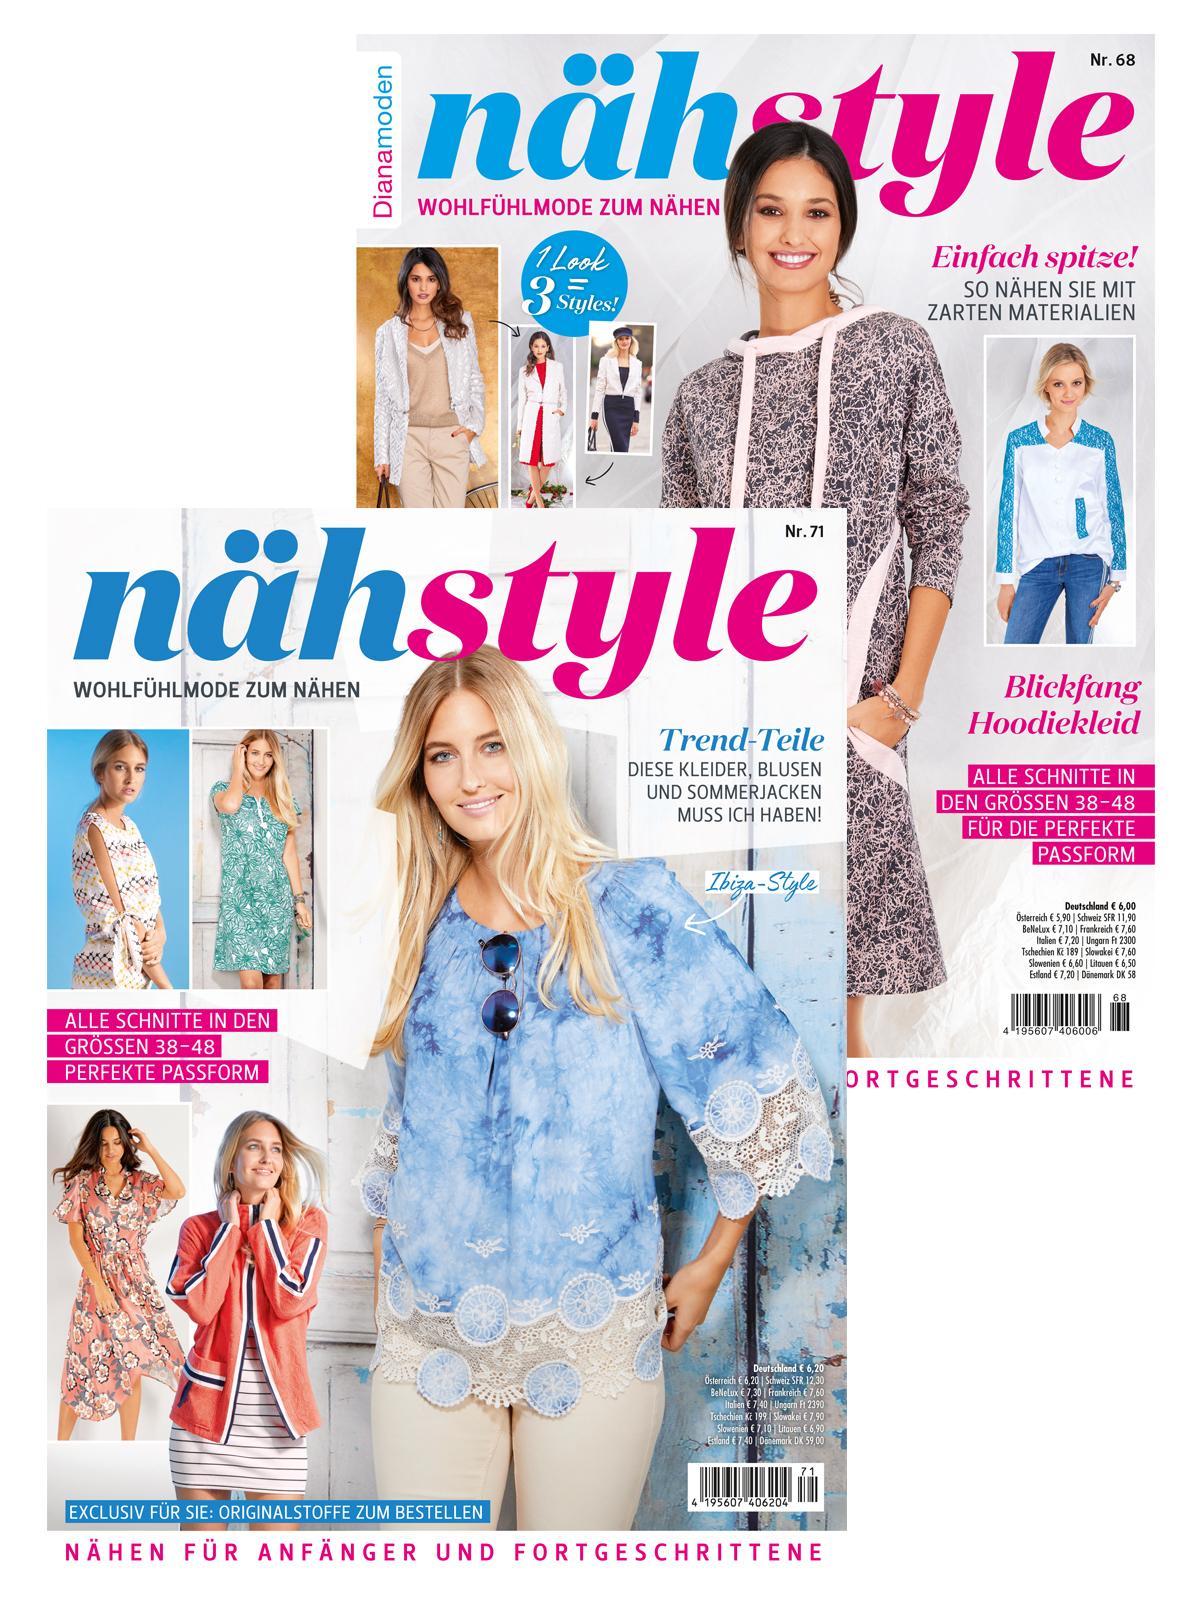 Zwei Zeitschriften im supergünstigen Sparpaket! Näh-Style Nr. 71/2019 und Nr. 68/2018